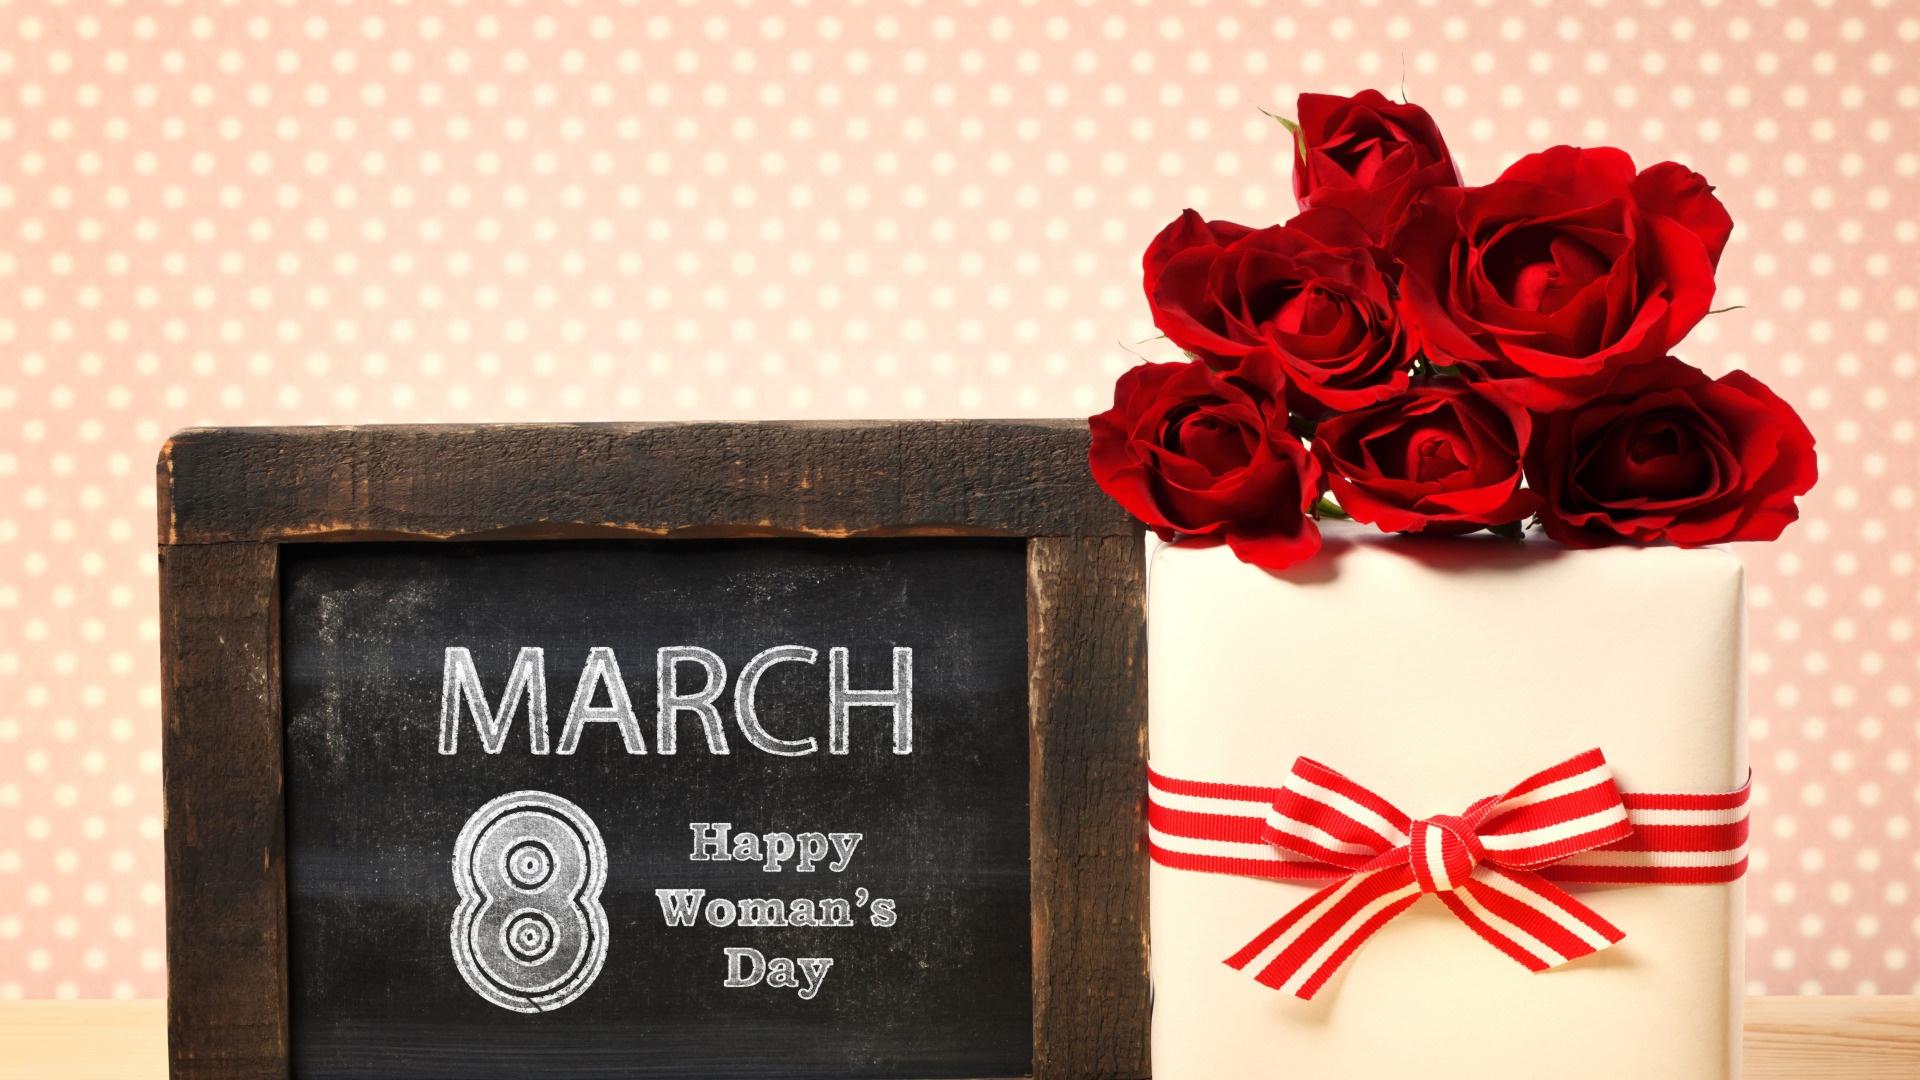 Happy Women's Day desktop wallpaper hd